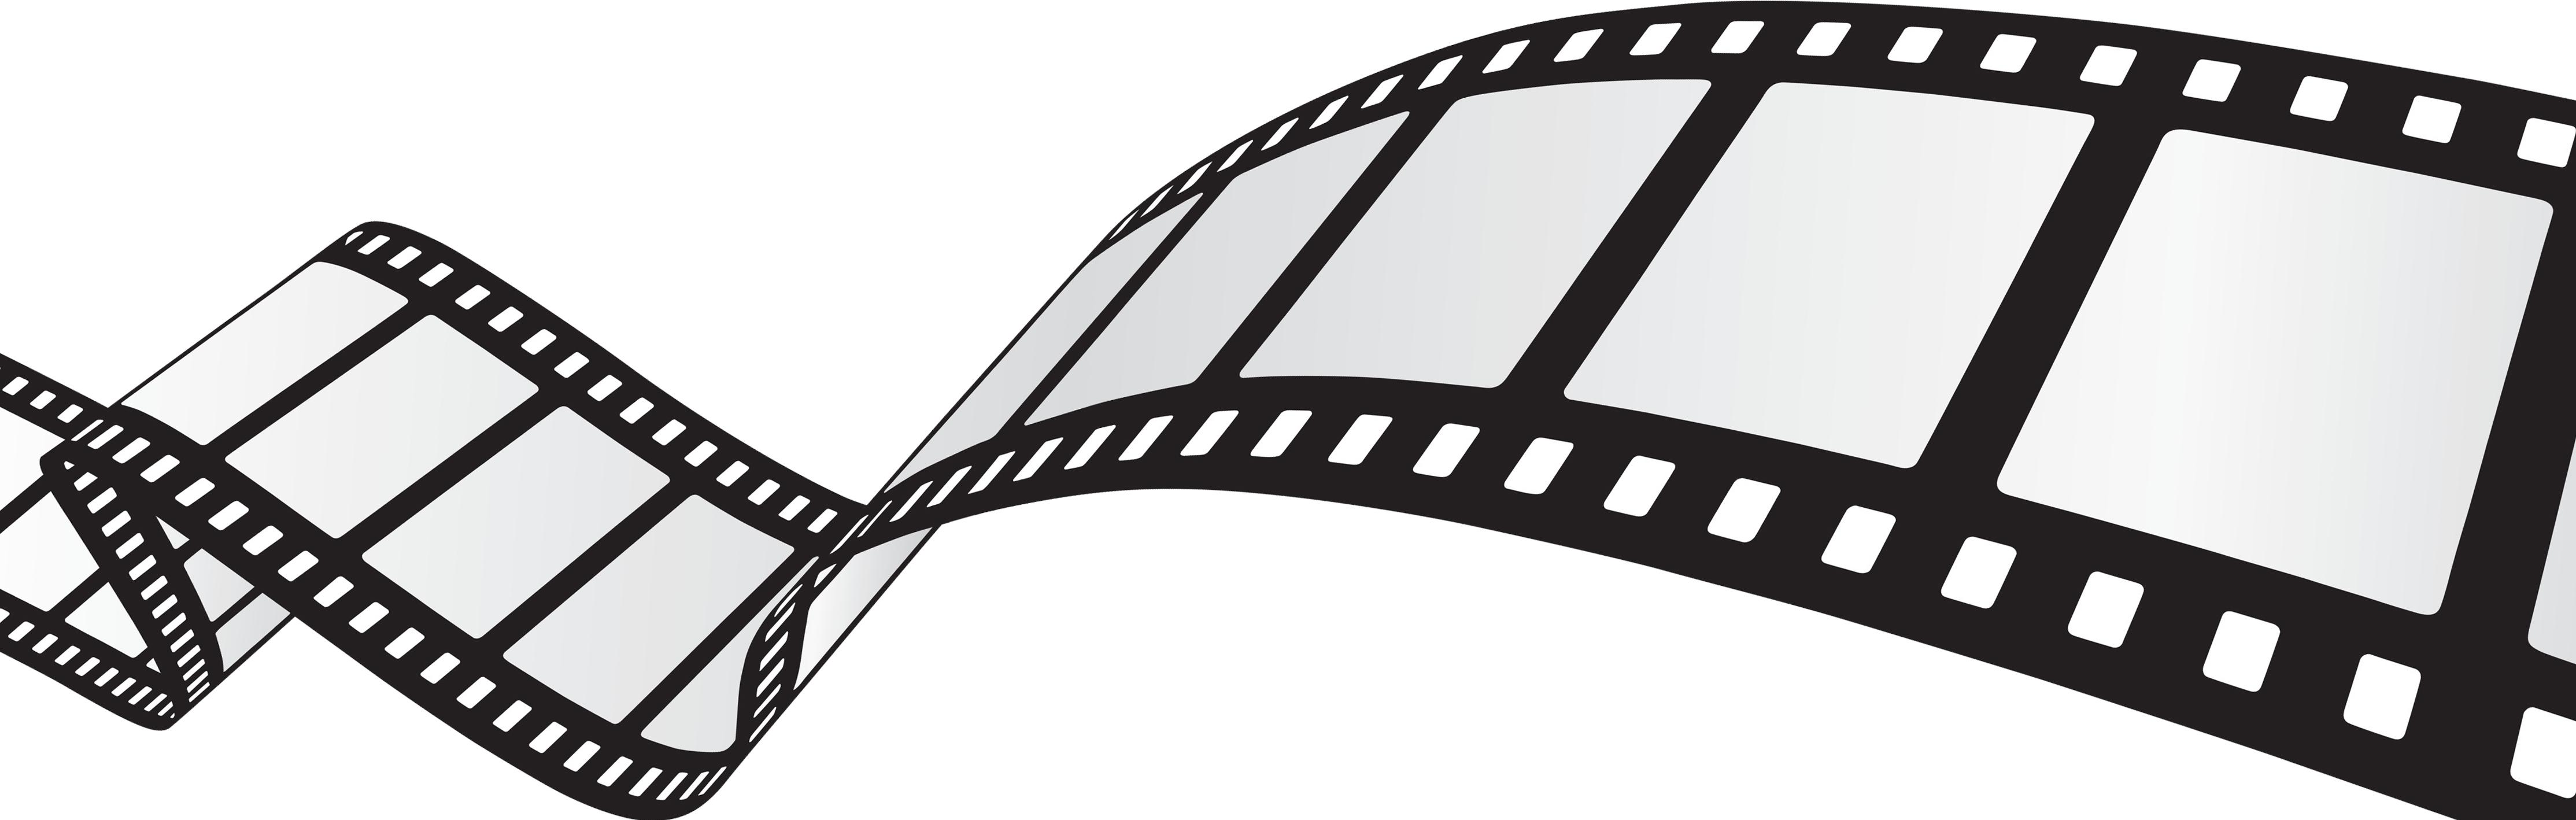 4455x1418 Clipart Film